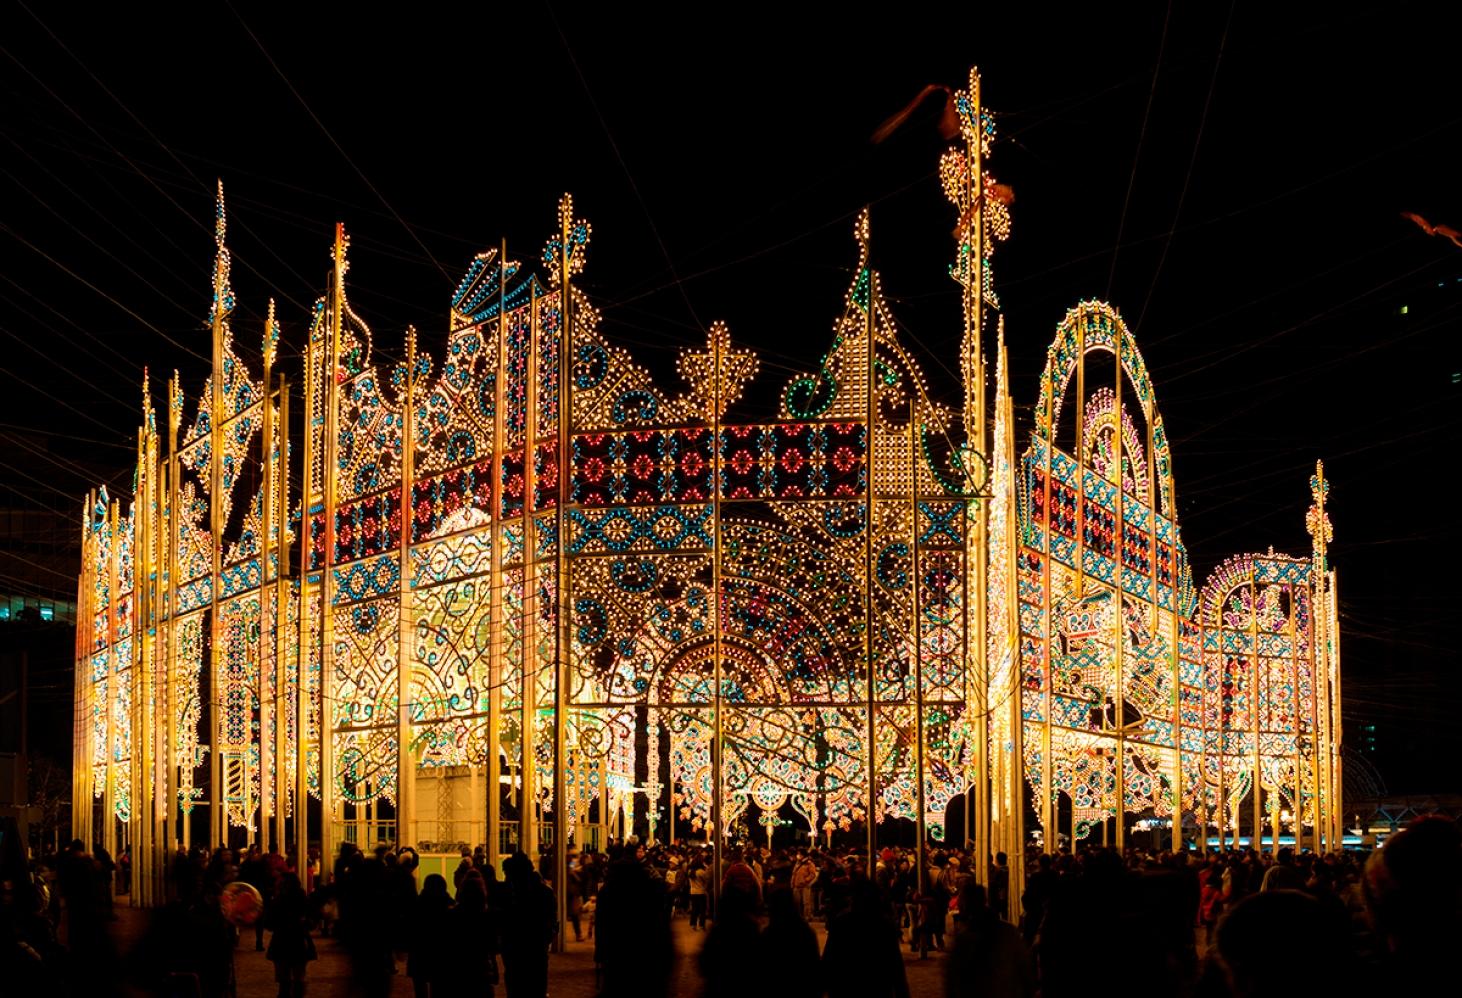 Фестиваль света в Кобе (Kobe Luminarie). начало декабря